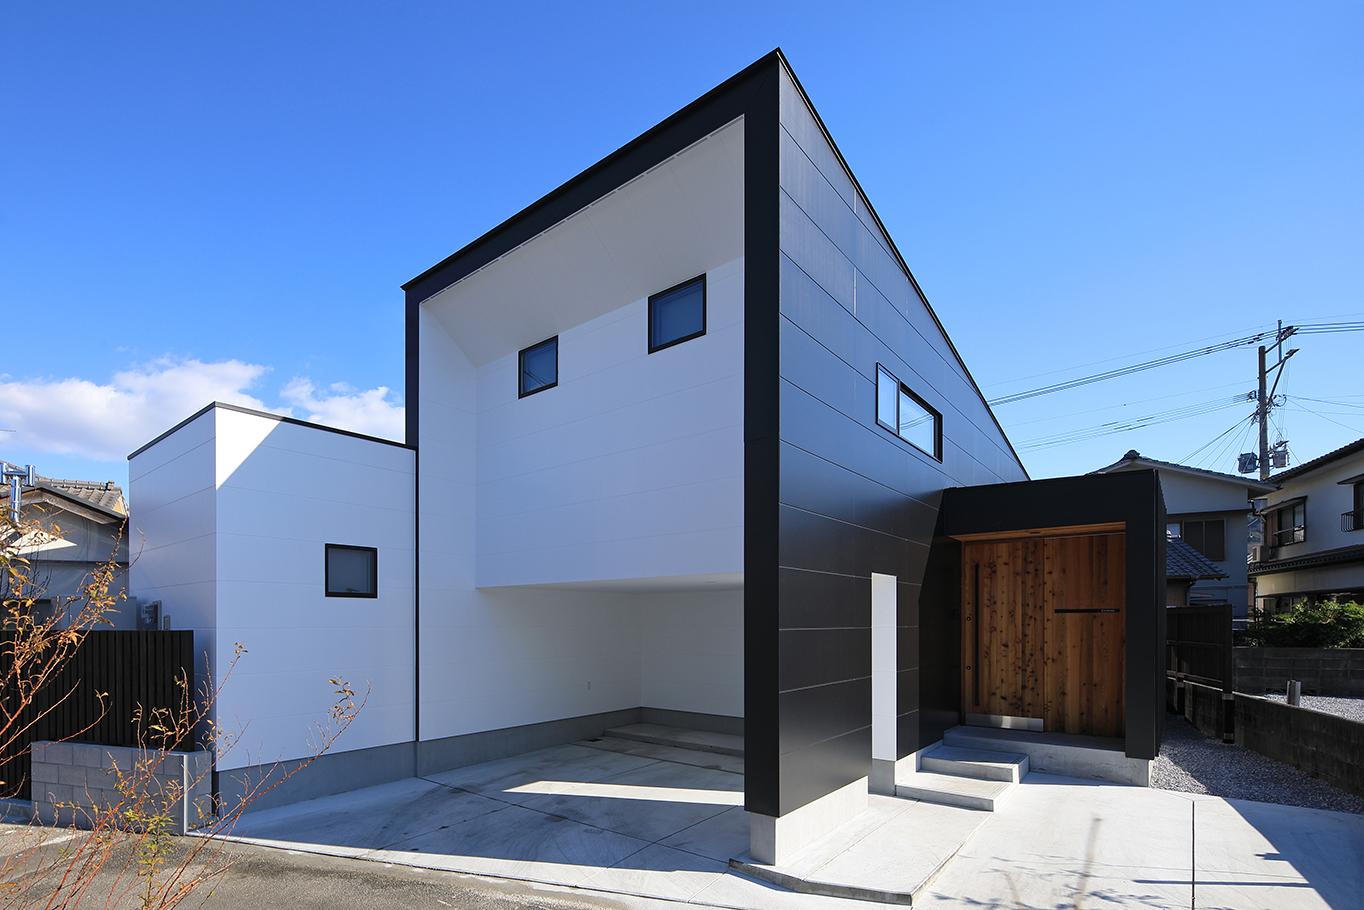 House-KRK【 BWW 】